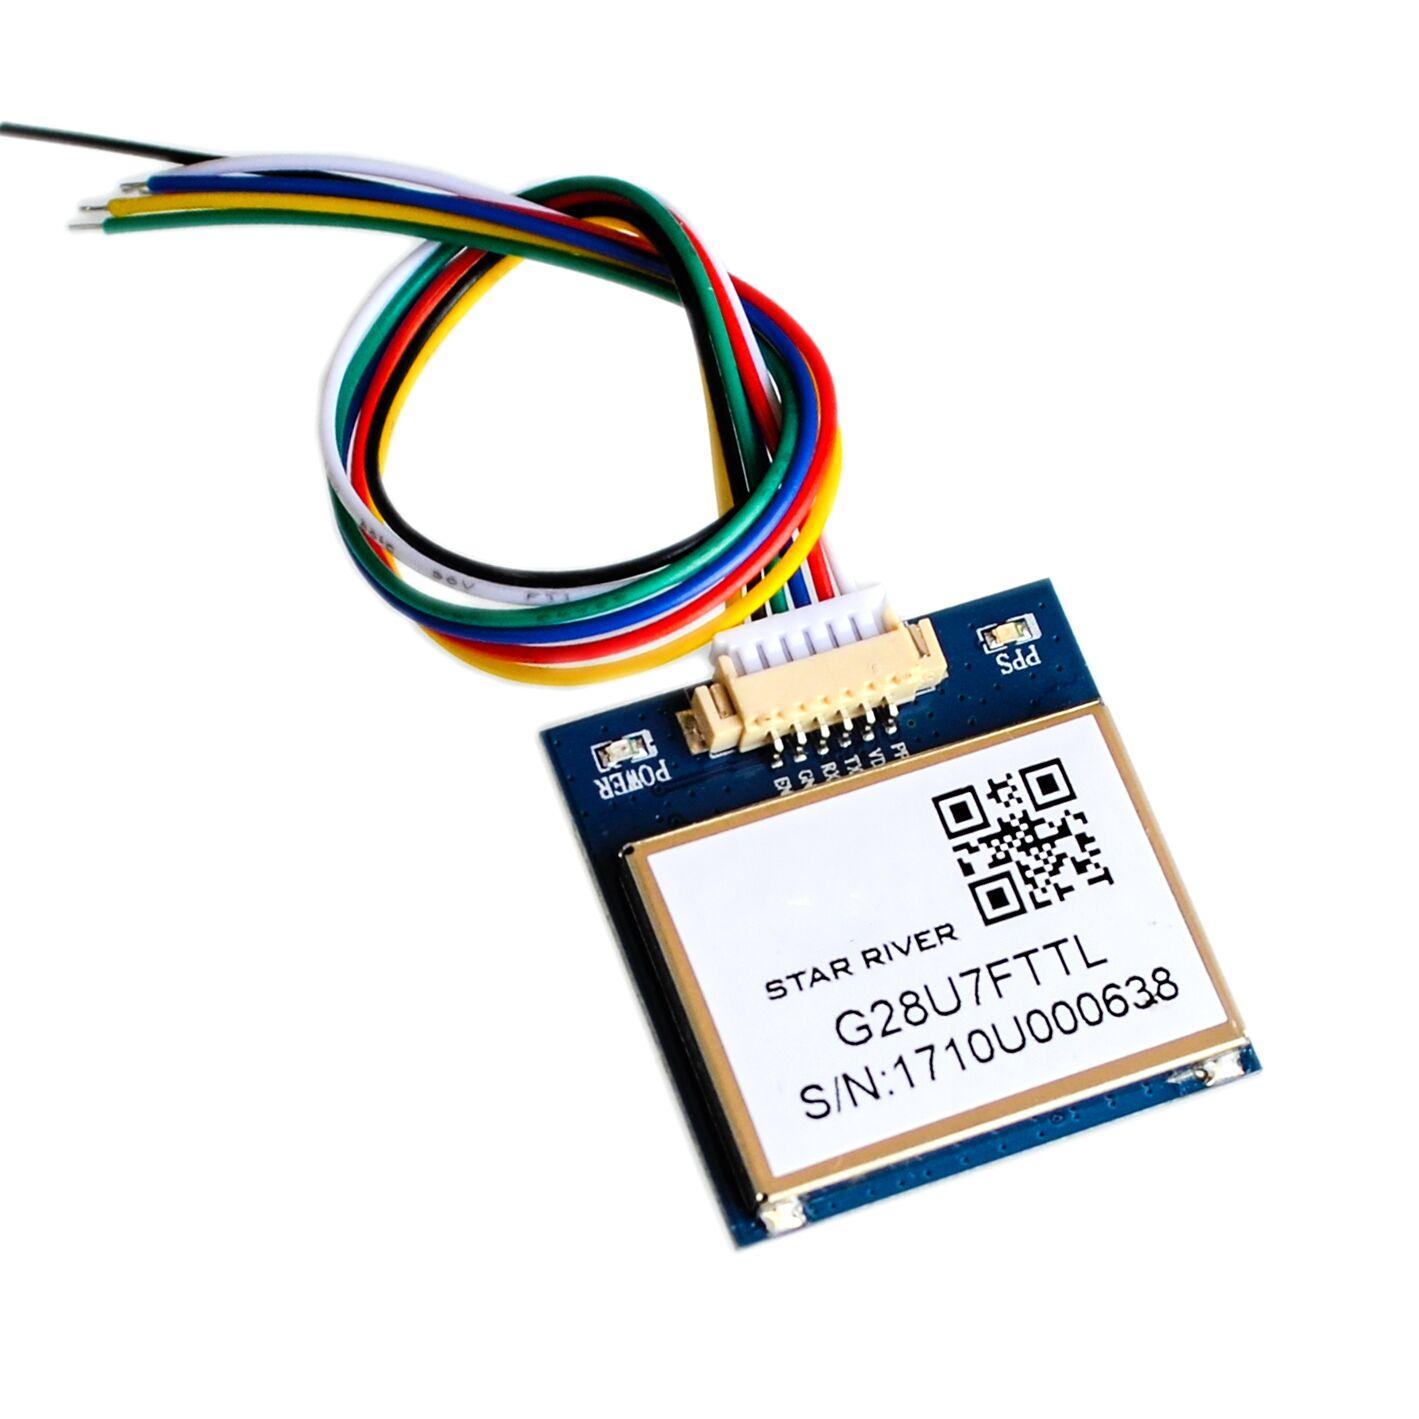 G28U7FTT mais do que VK2828U7G5LF Módulo GPS com Antena TTL 1-10Hz com FLASH Aviões Modelo de Controle de Vôo